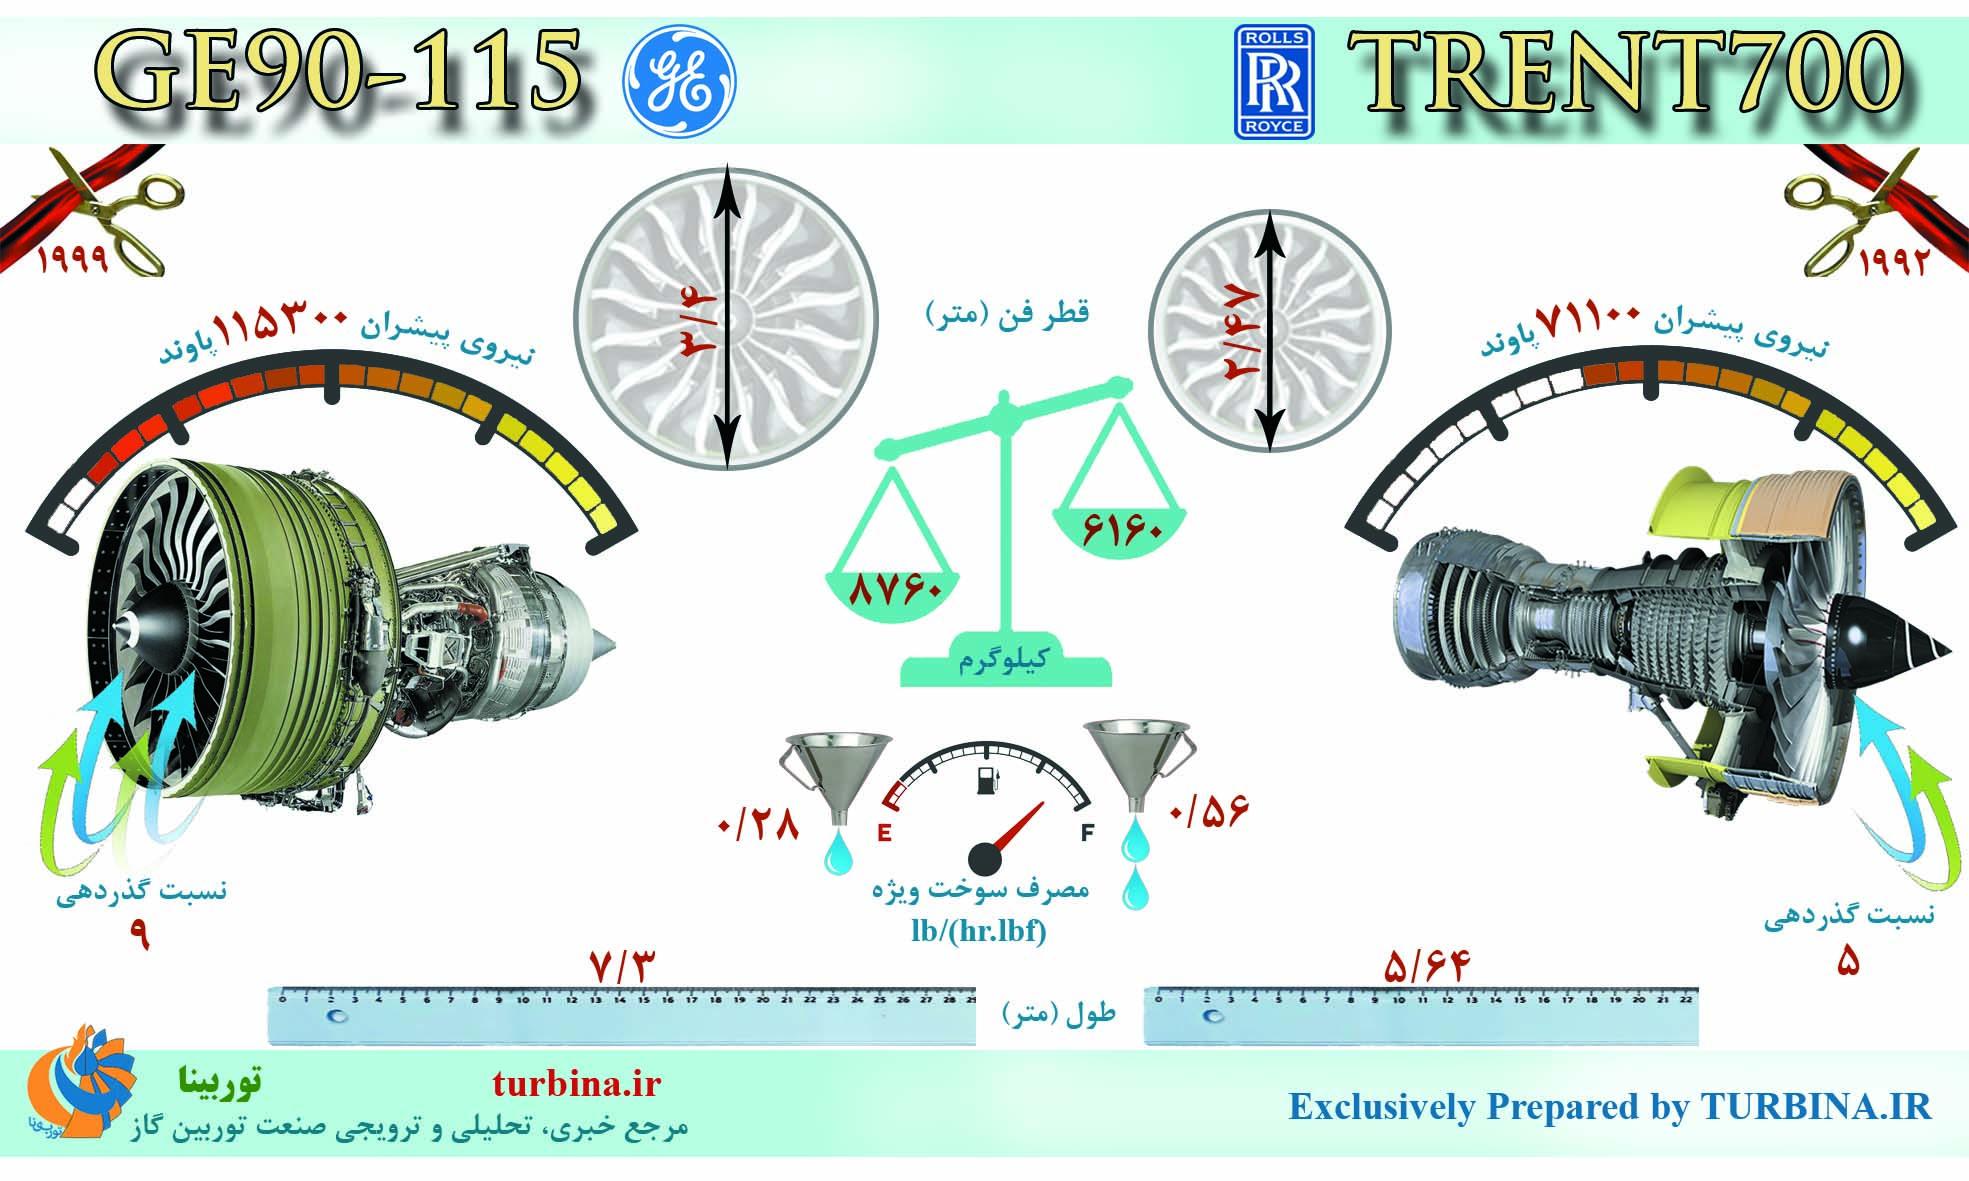 مقایسه موتورهای GE90-115 و TRENT700